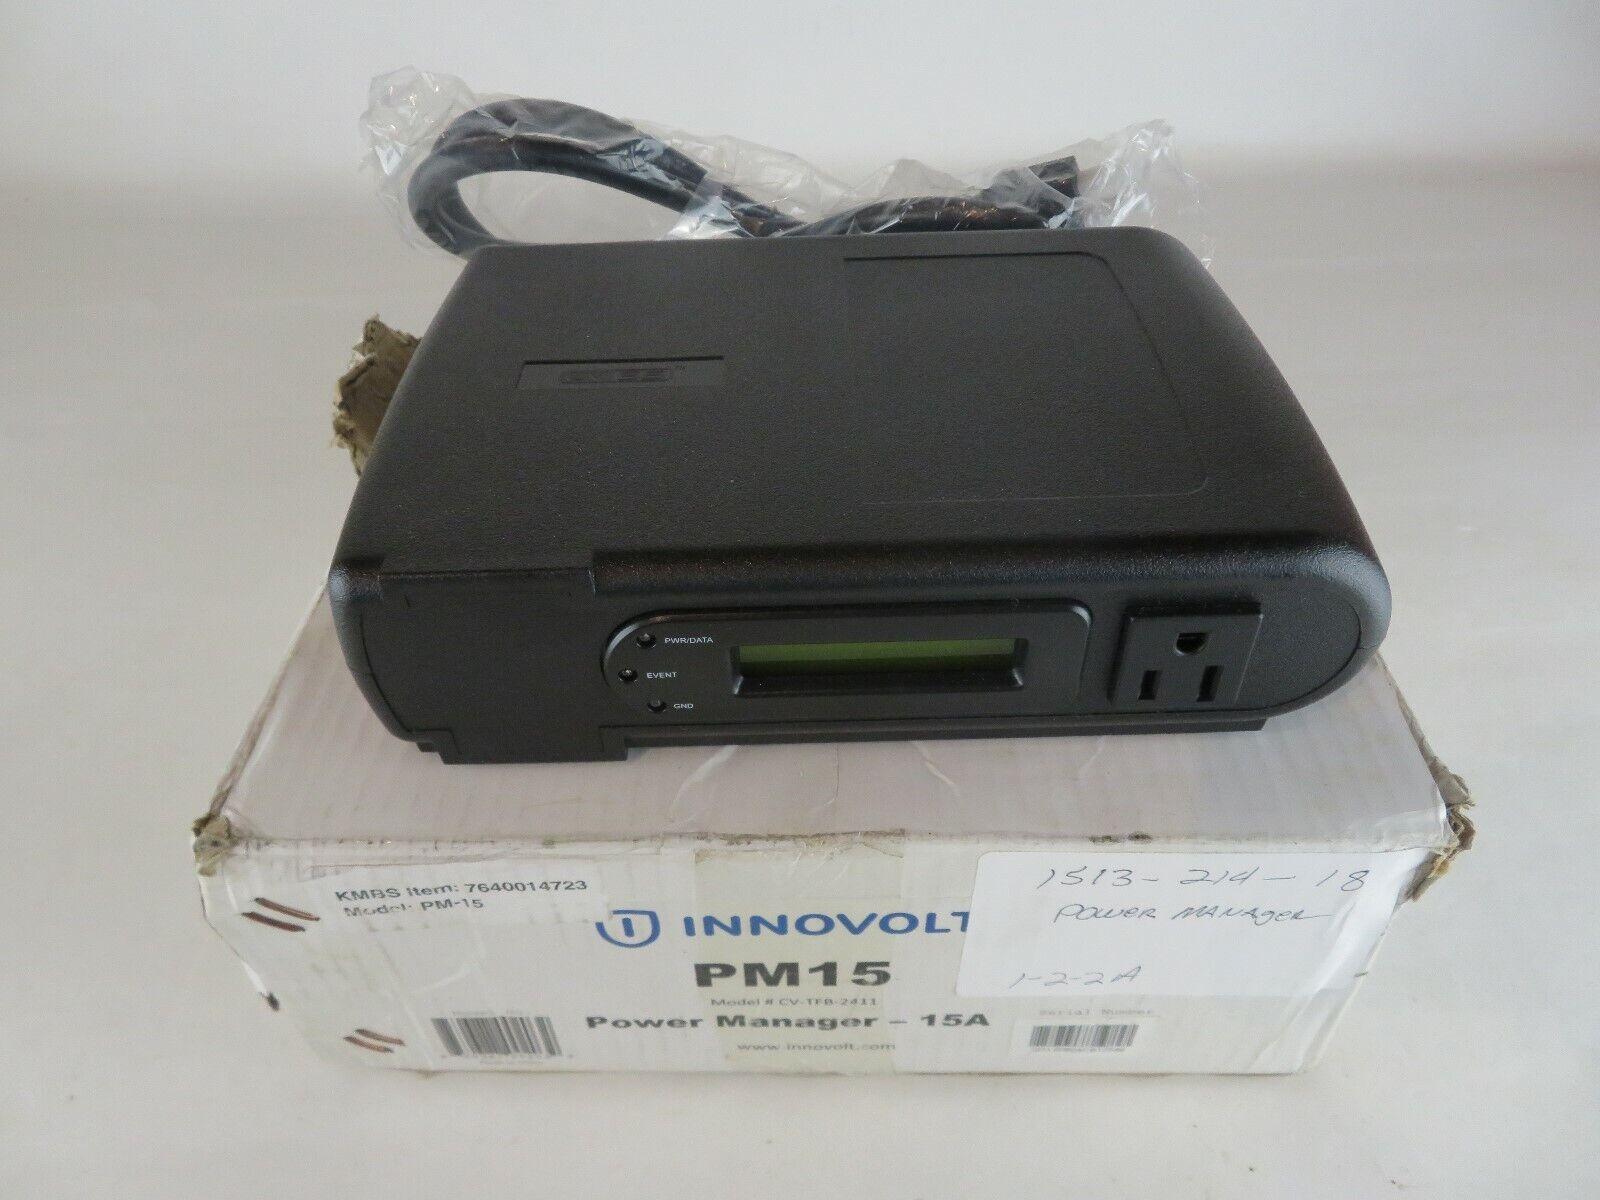 NEW INNOVOLT PM15 POWER MANAGER 15A CVSS CV-TFB-2411 3SPD CVTFB2411 CV TFB 2411